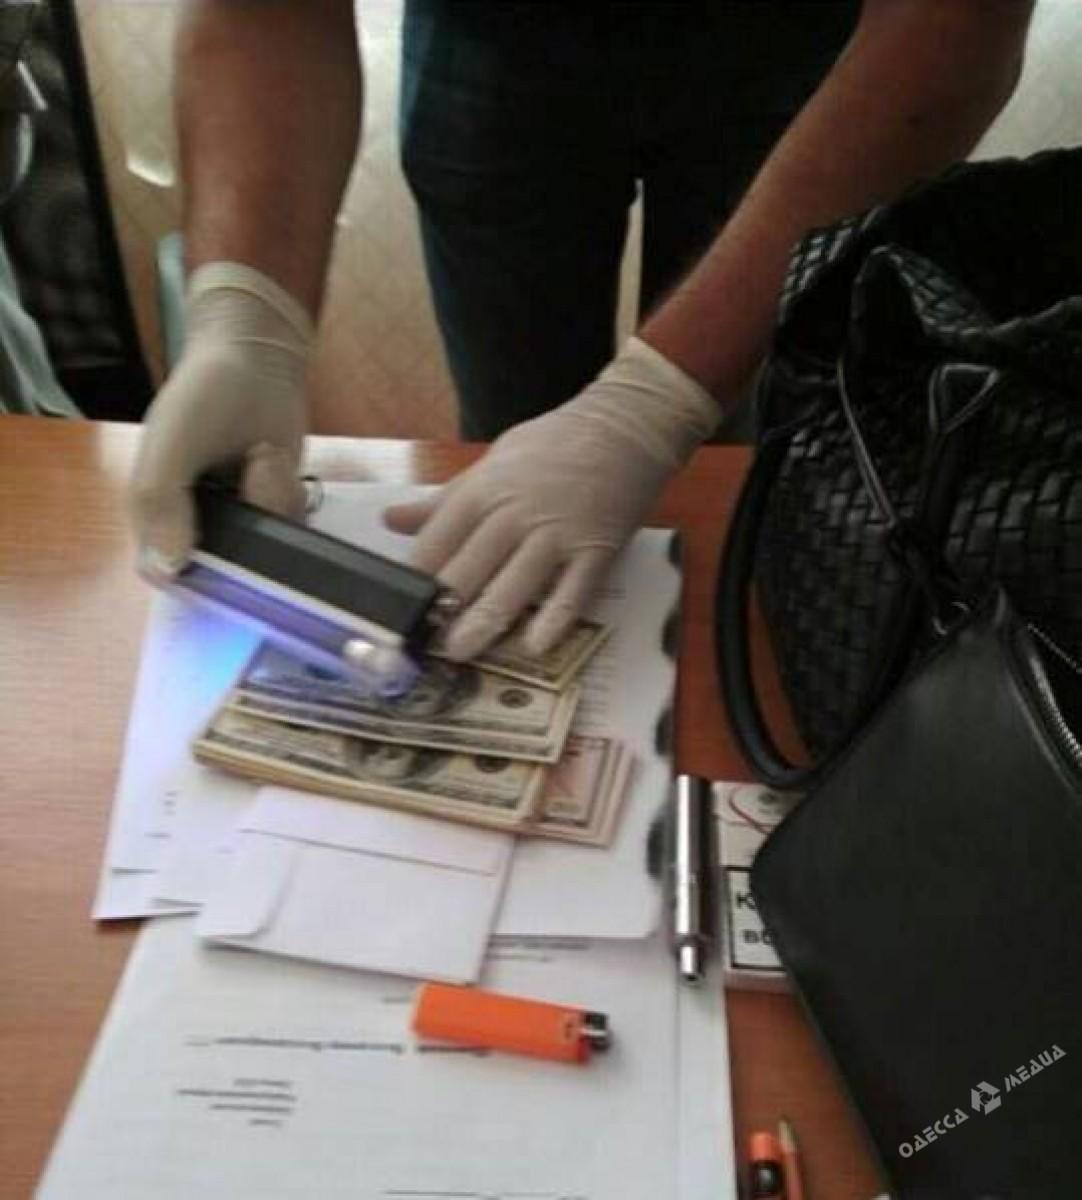 Служащая РГА вОдесской области требовала взятку спредпринимателей, обнародованы фото